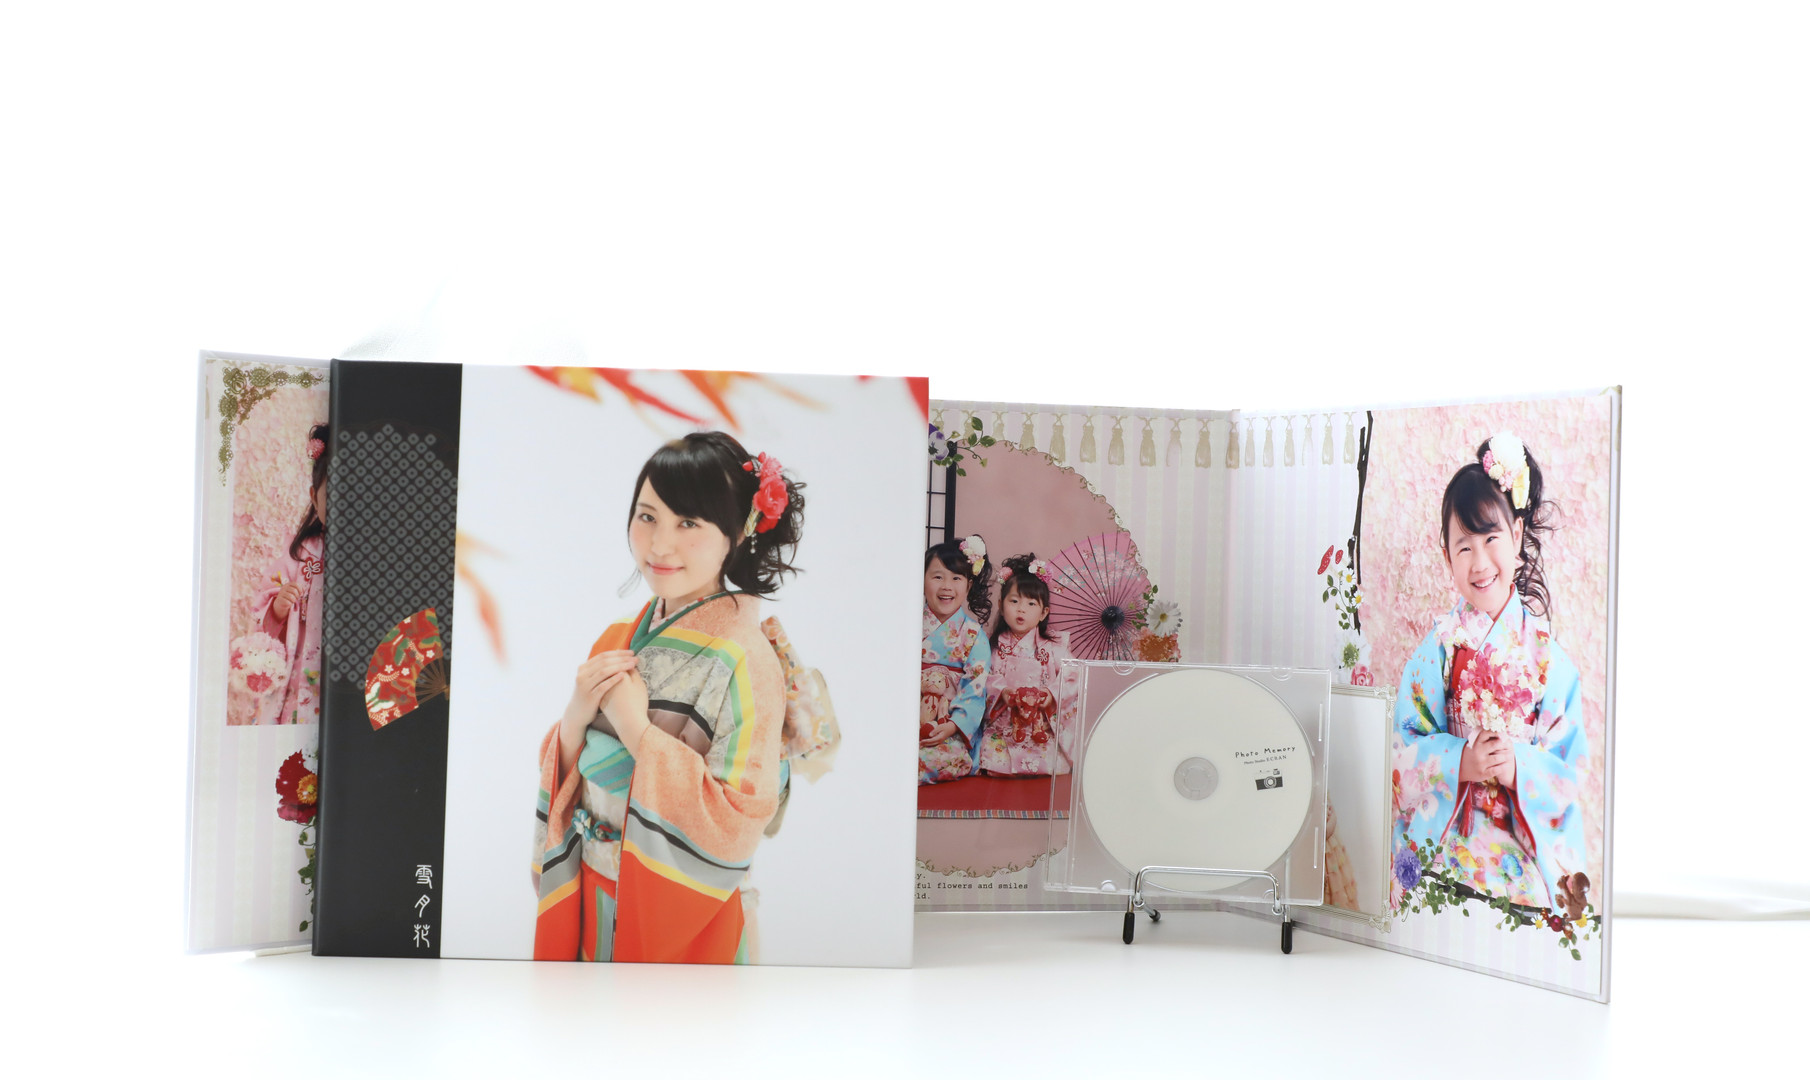 ストロベリー+CD.jpg